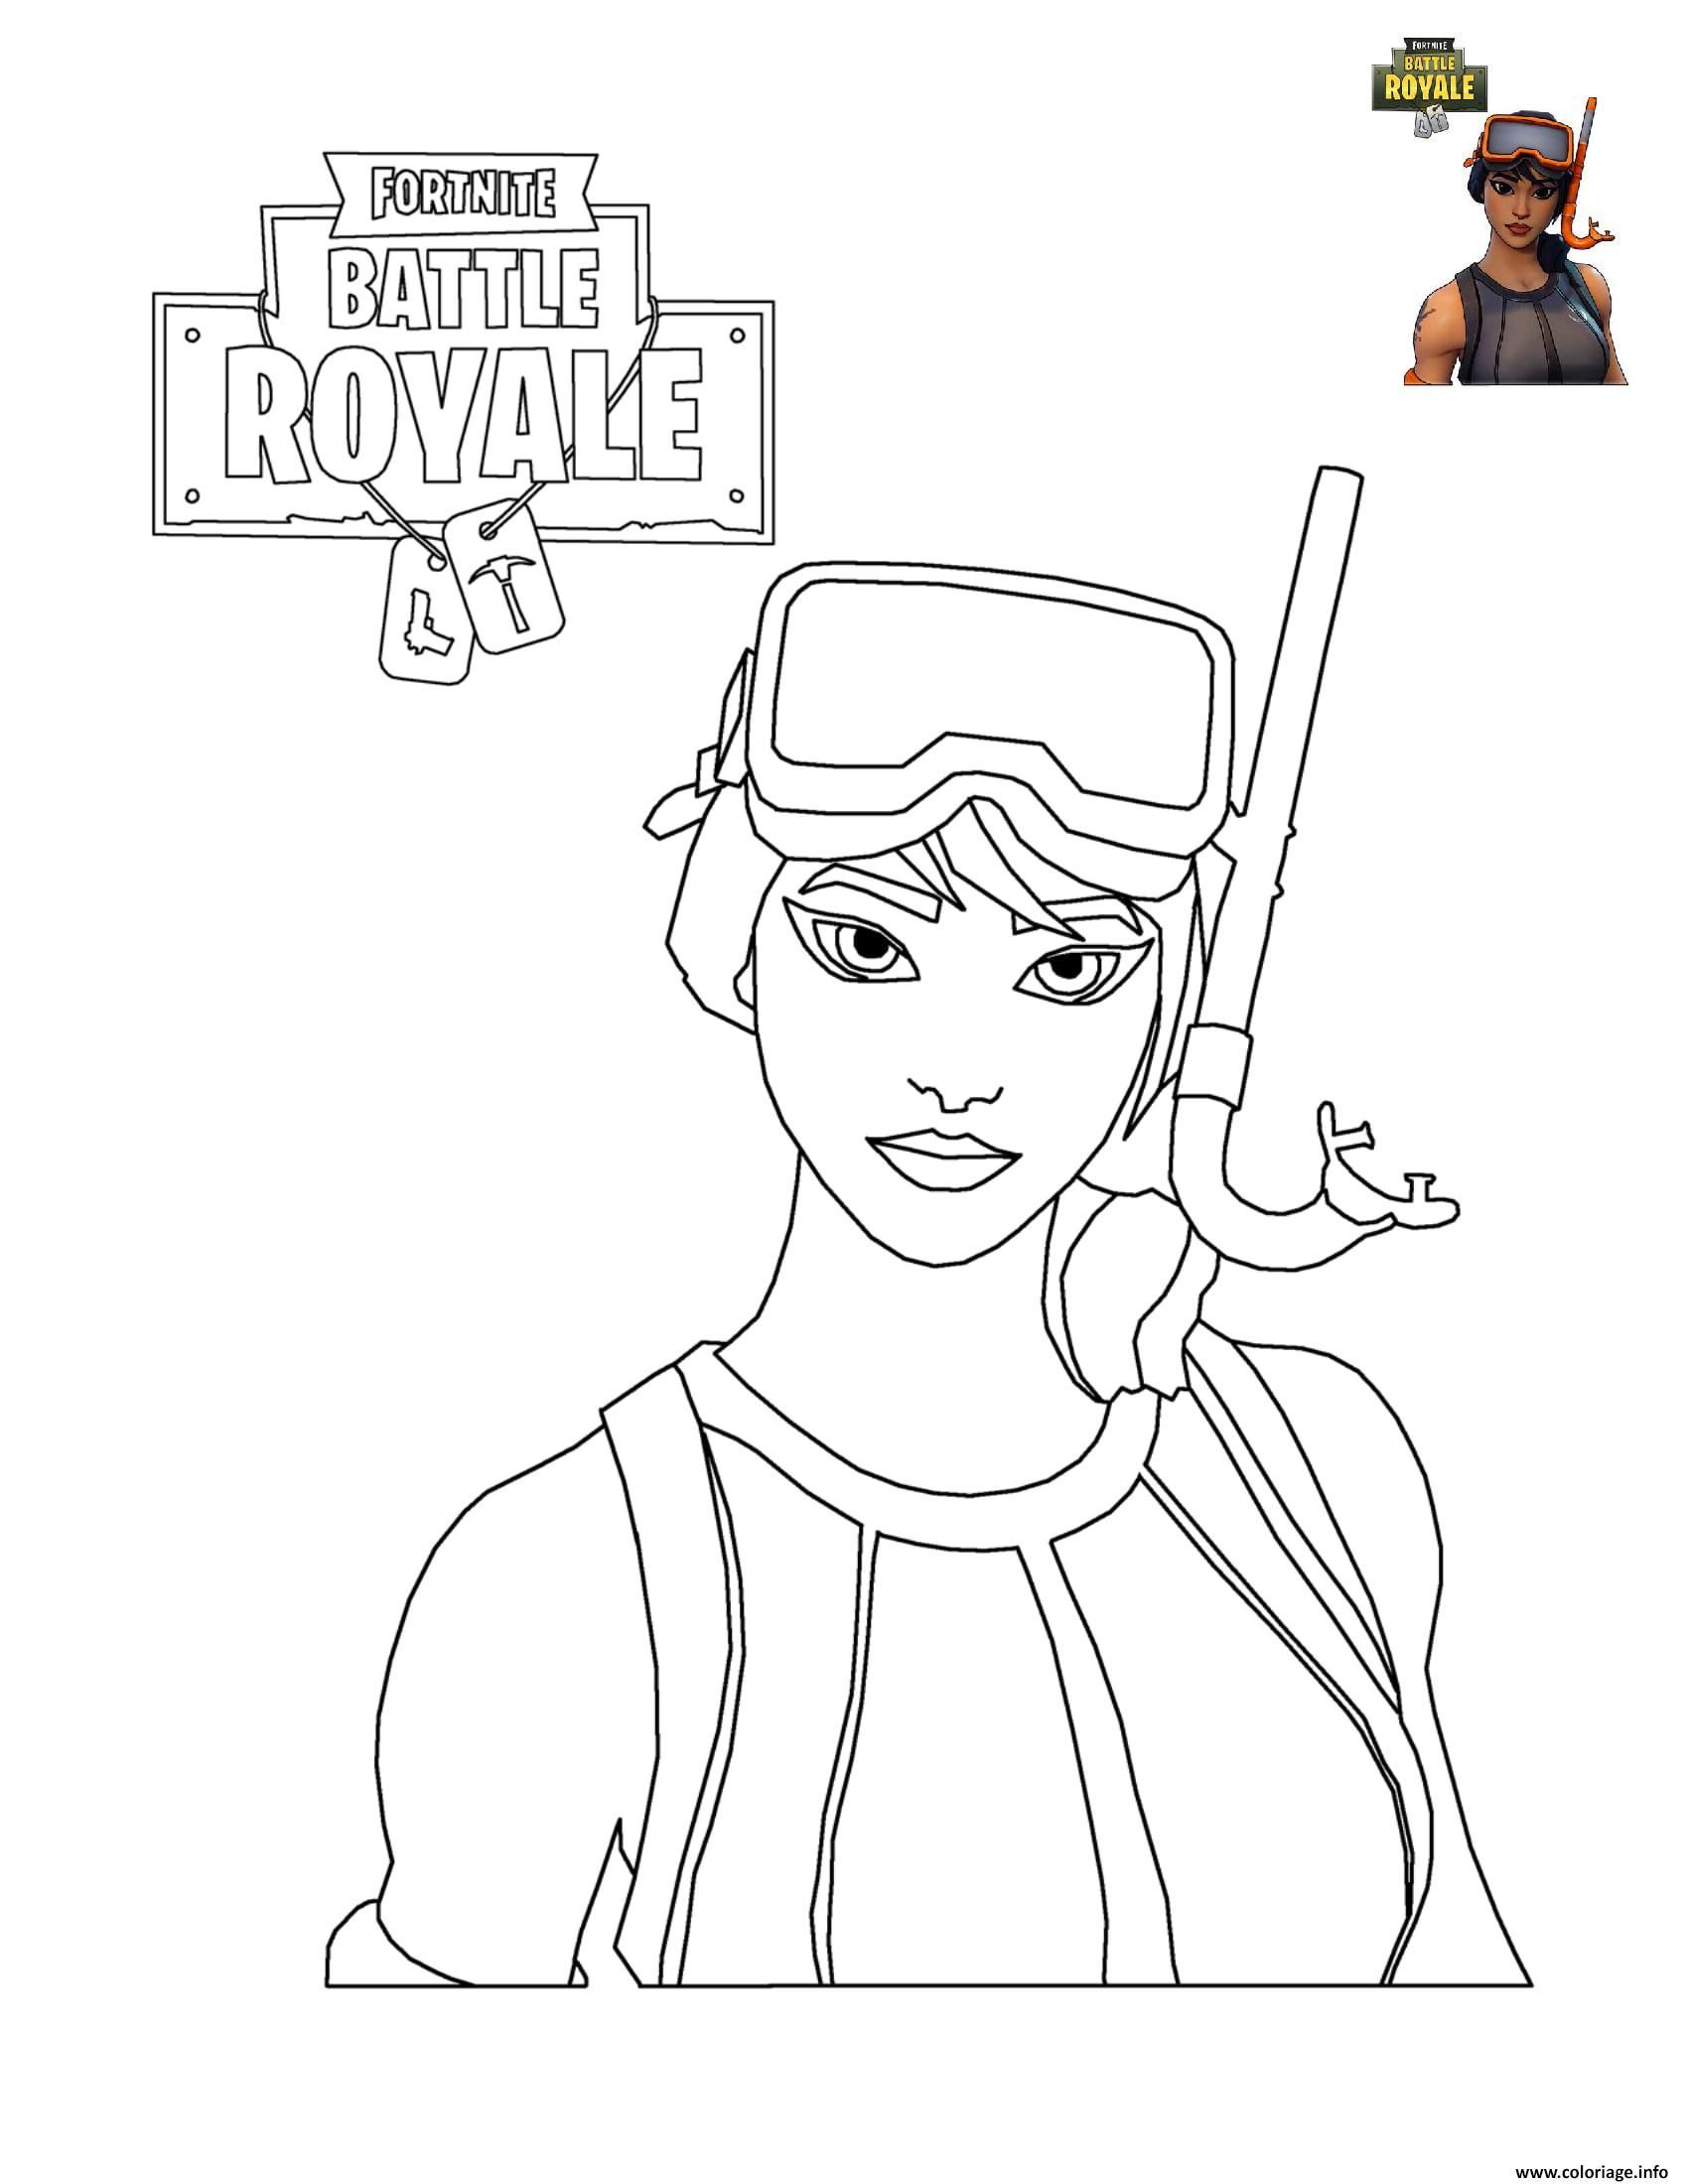 Coloriage Fortnite Battle Royale Personnage 7 Dessin dedans Personnage À Colorier